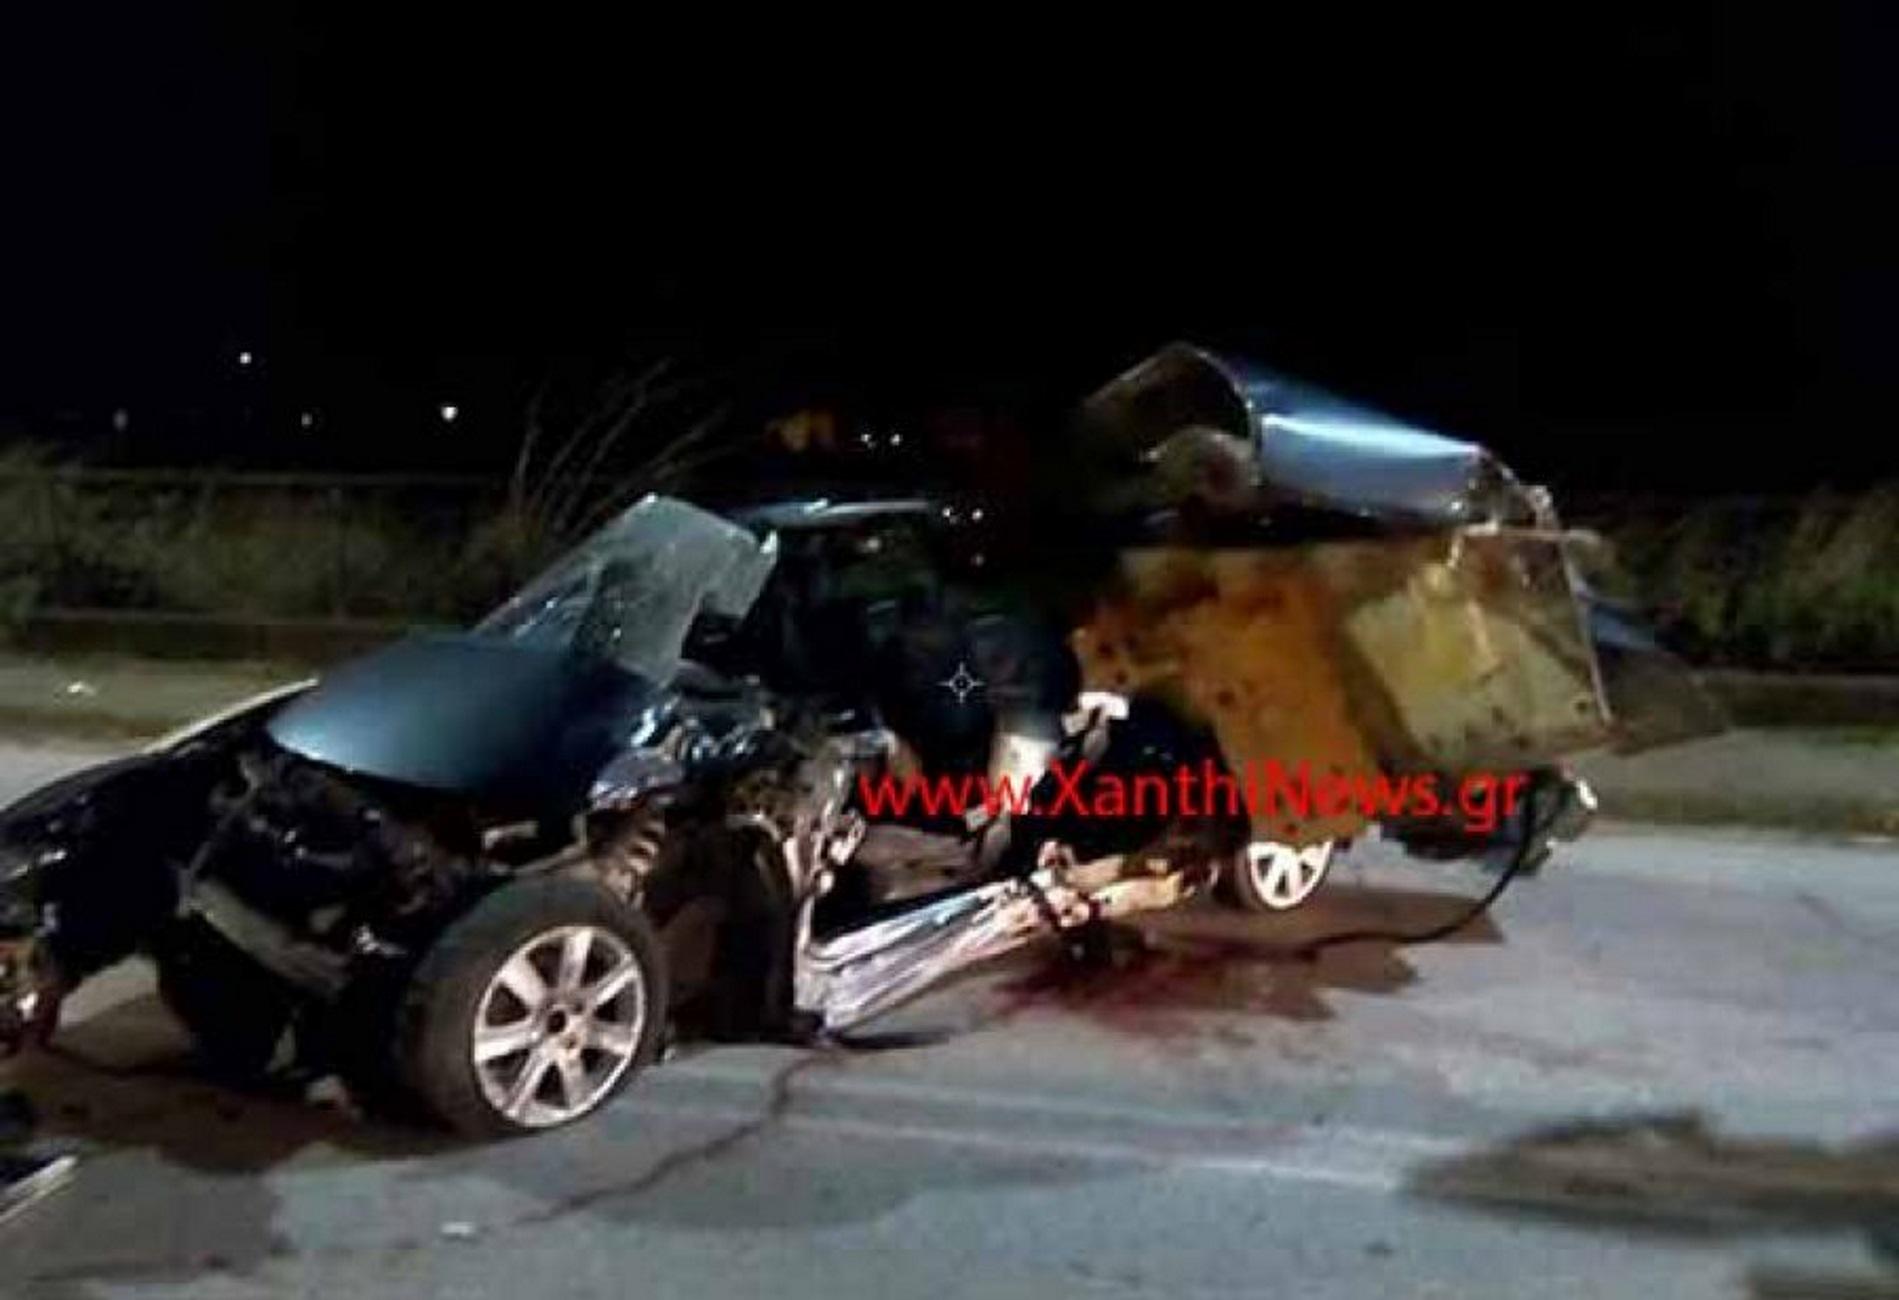 Ξάνθη: Σκοτώθηκαν δύο νεαρά αδέρφια σε φοβερό τροχαίο! Αυτοψία στο σημείο του δυστυχήματος [pics]